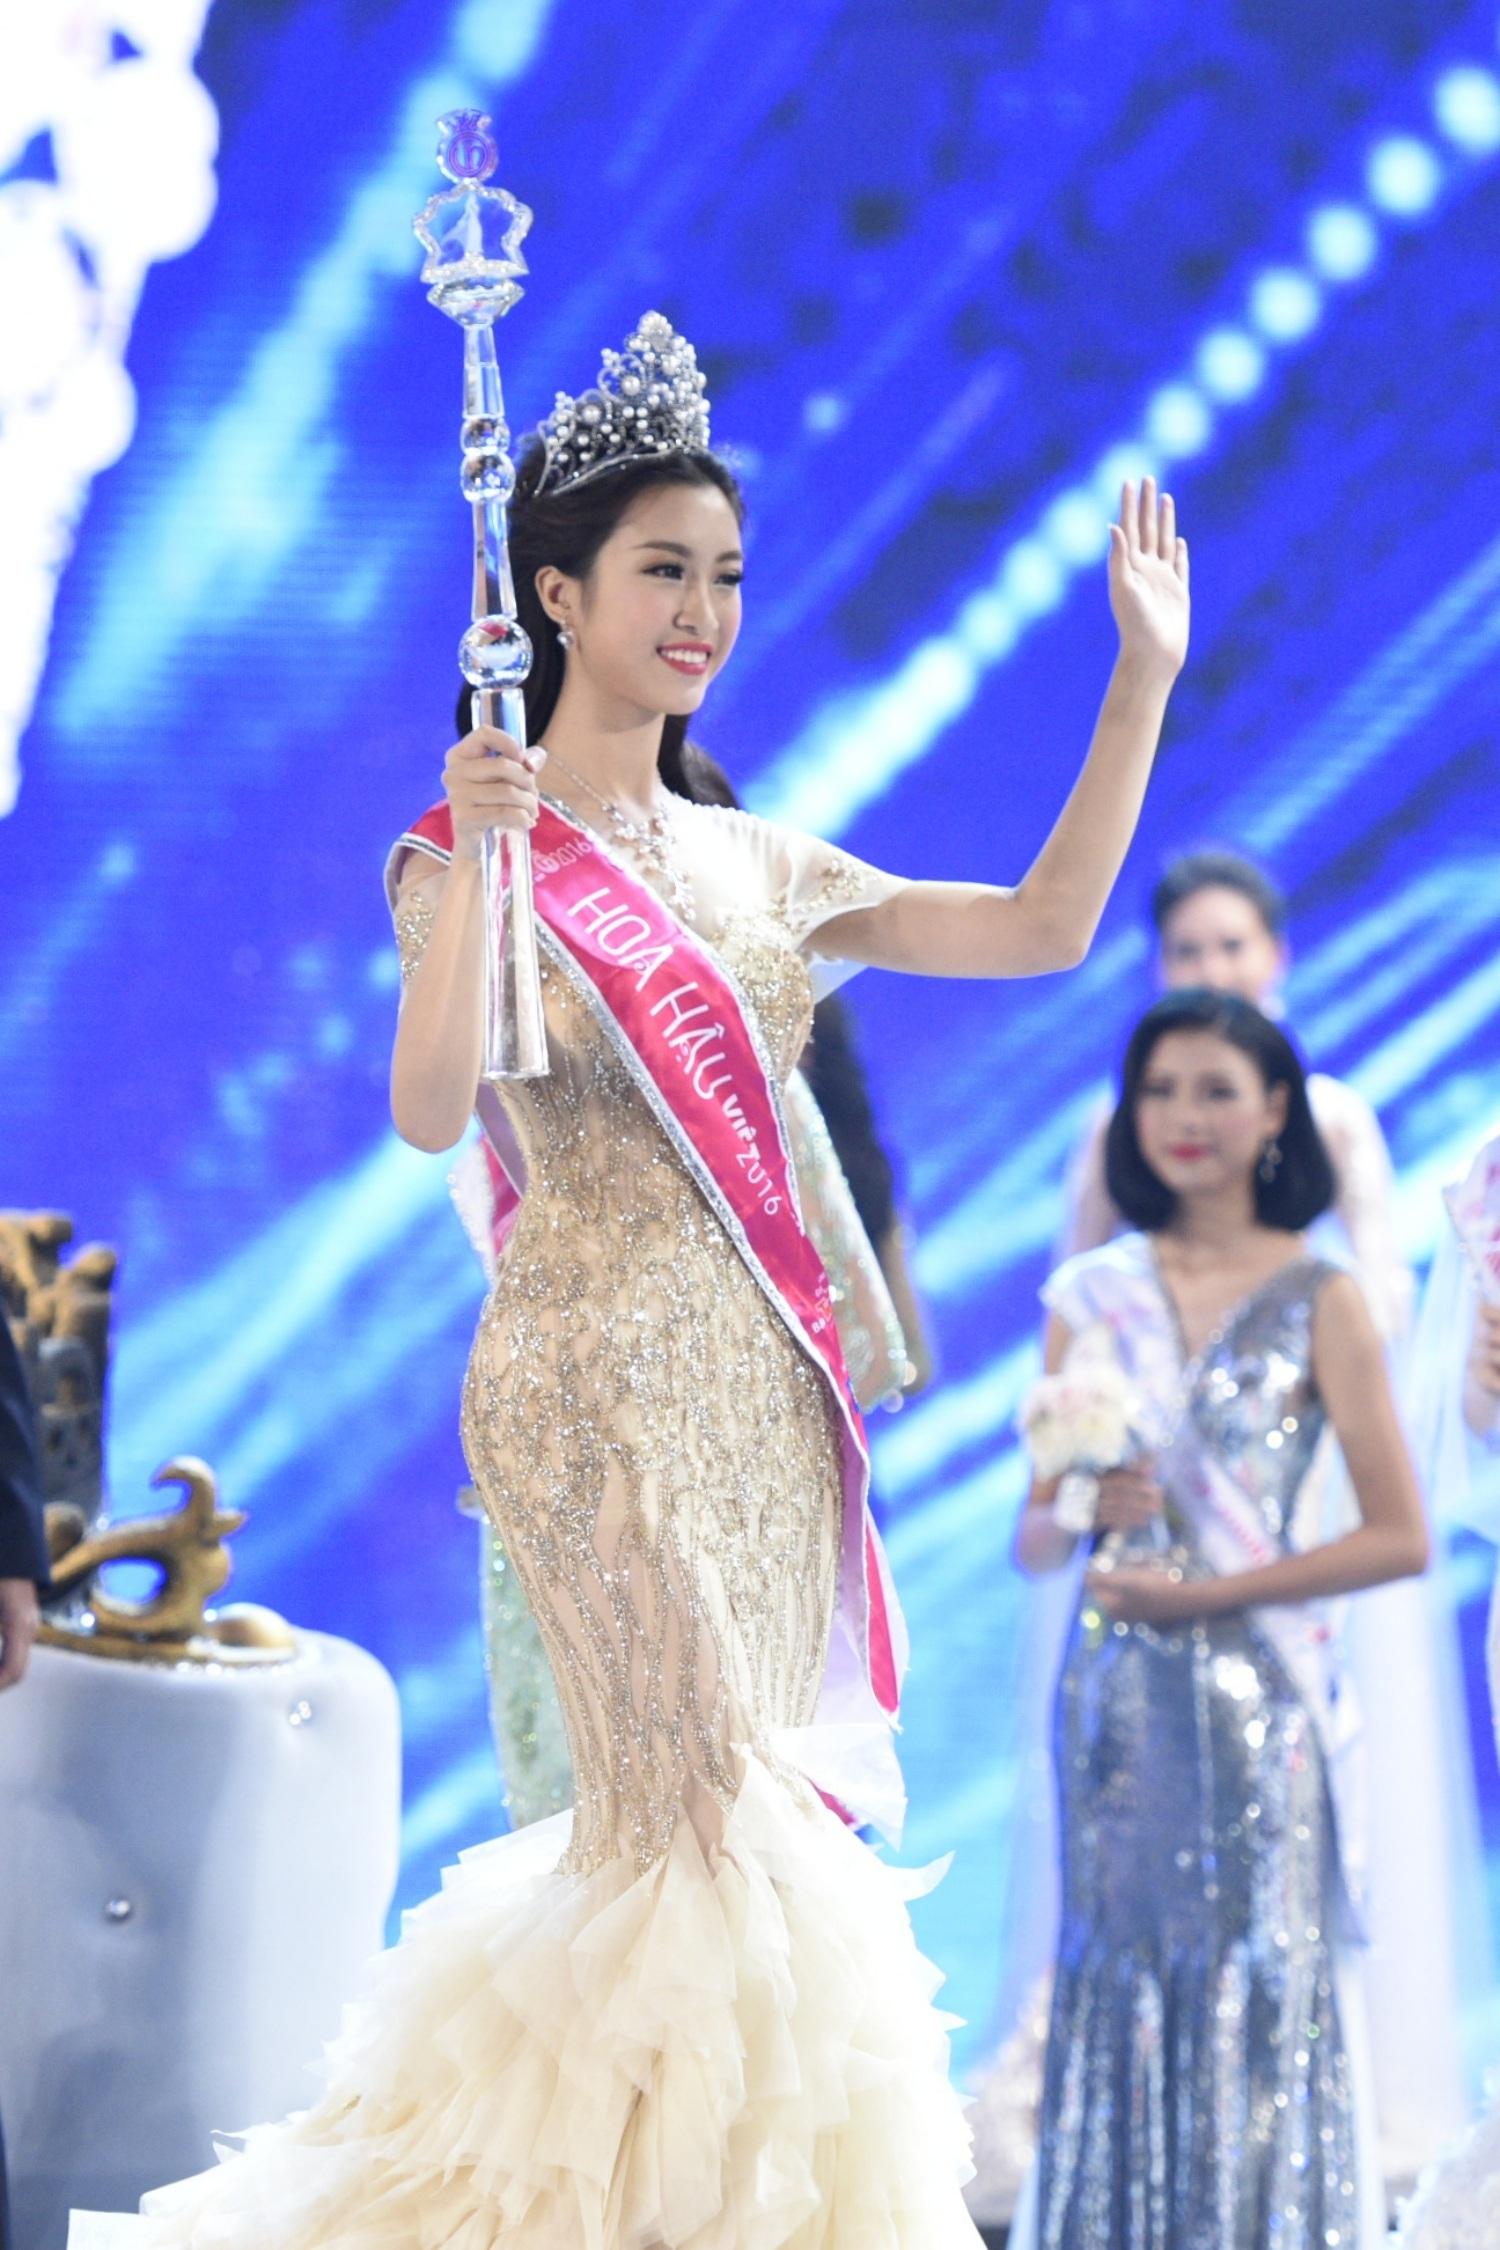 Ngắm nhan sắc nóng bỏng của tân Hoa hậu Việt Nam Đỗ Mỹ Linh - 19